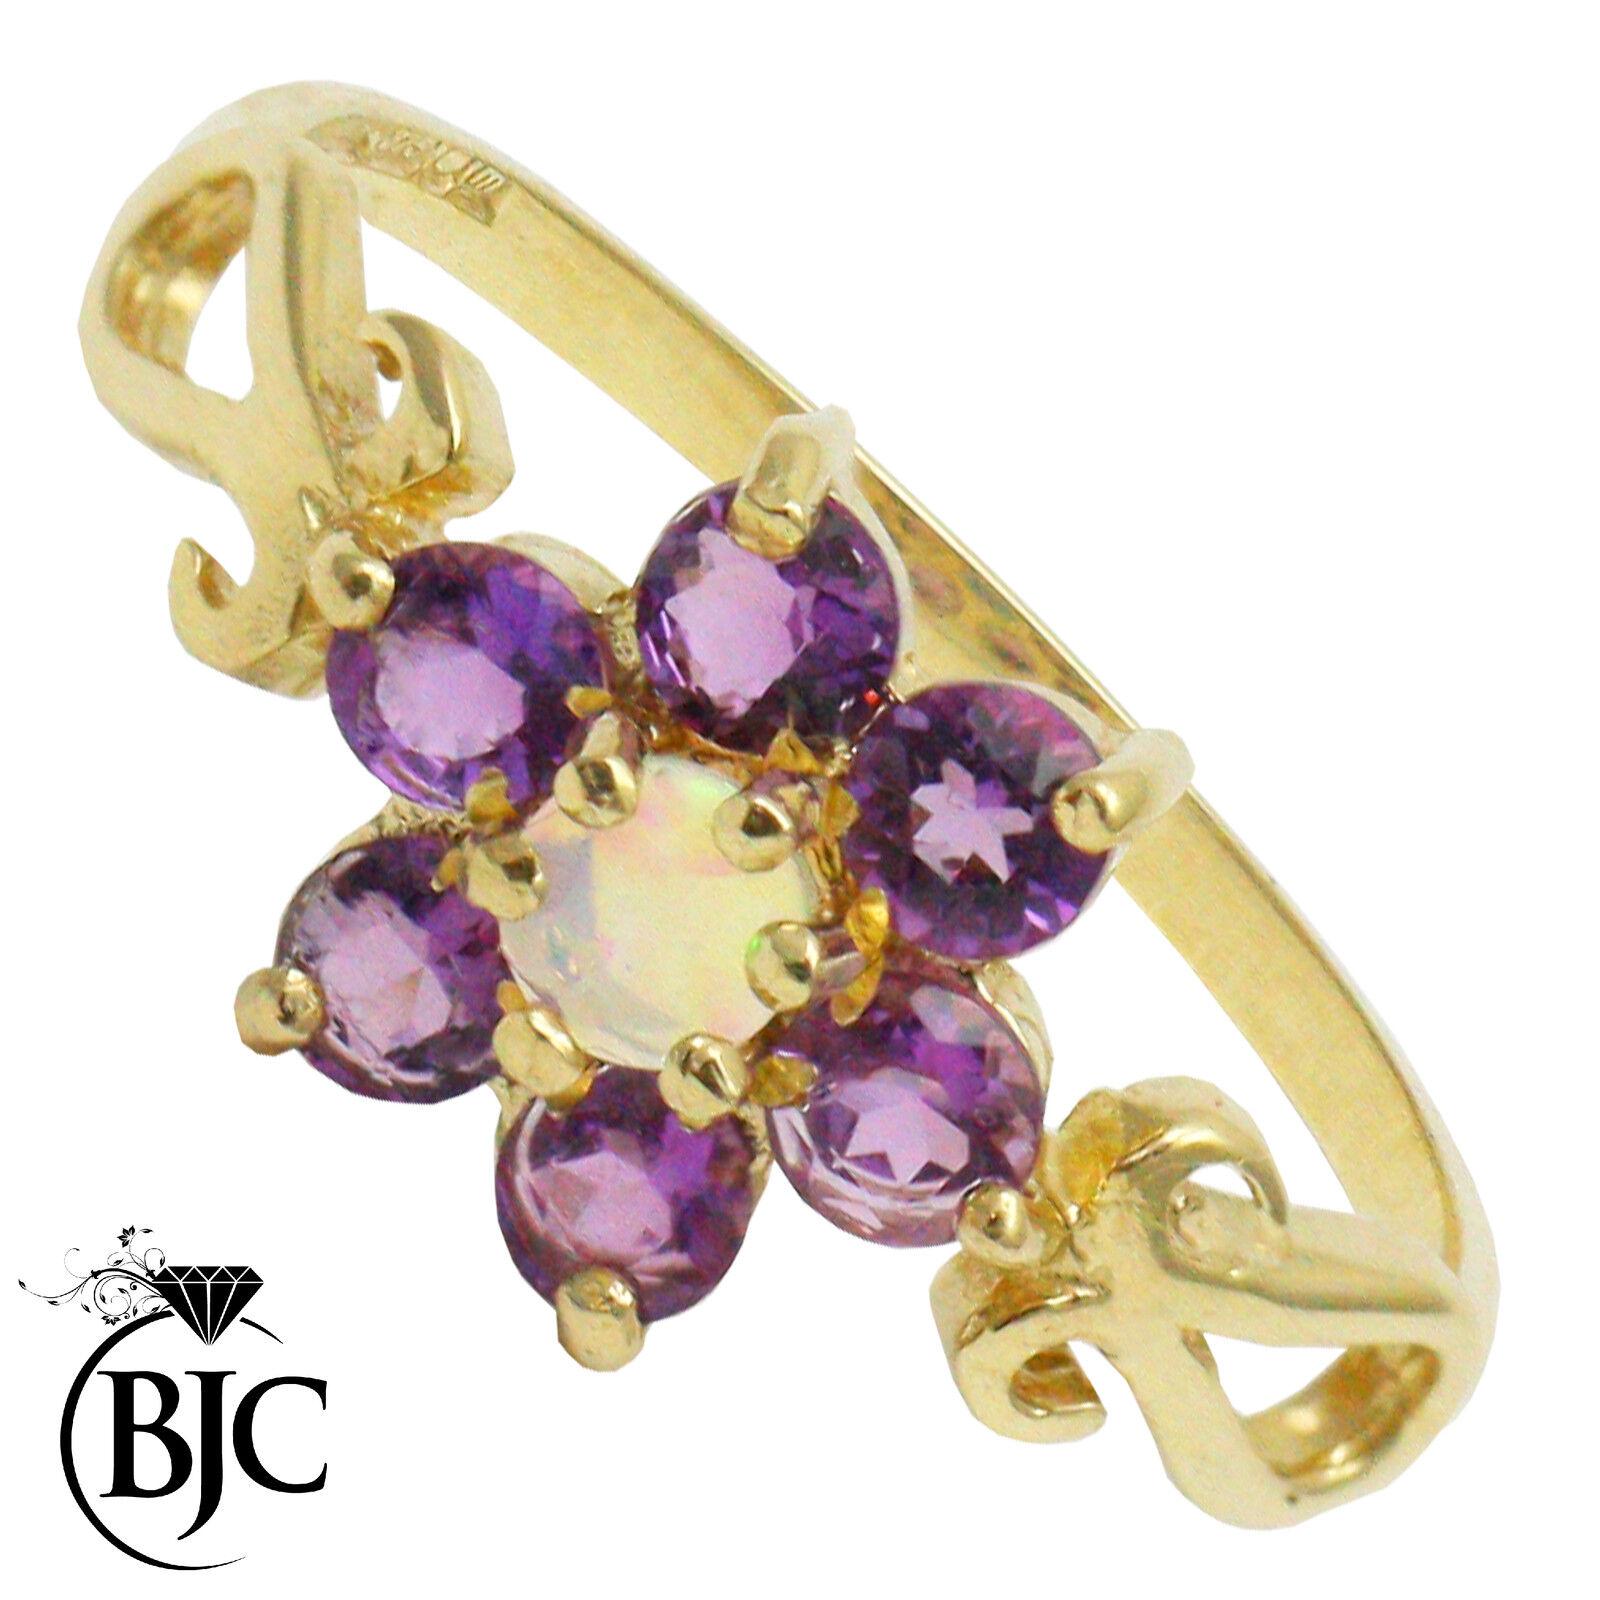 BJC 9 Karat yellowgold Amethyst & Opal Daisy Bündel Kleid Ring Ring R275